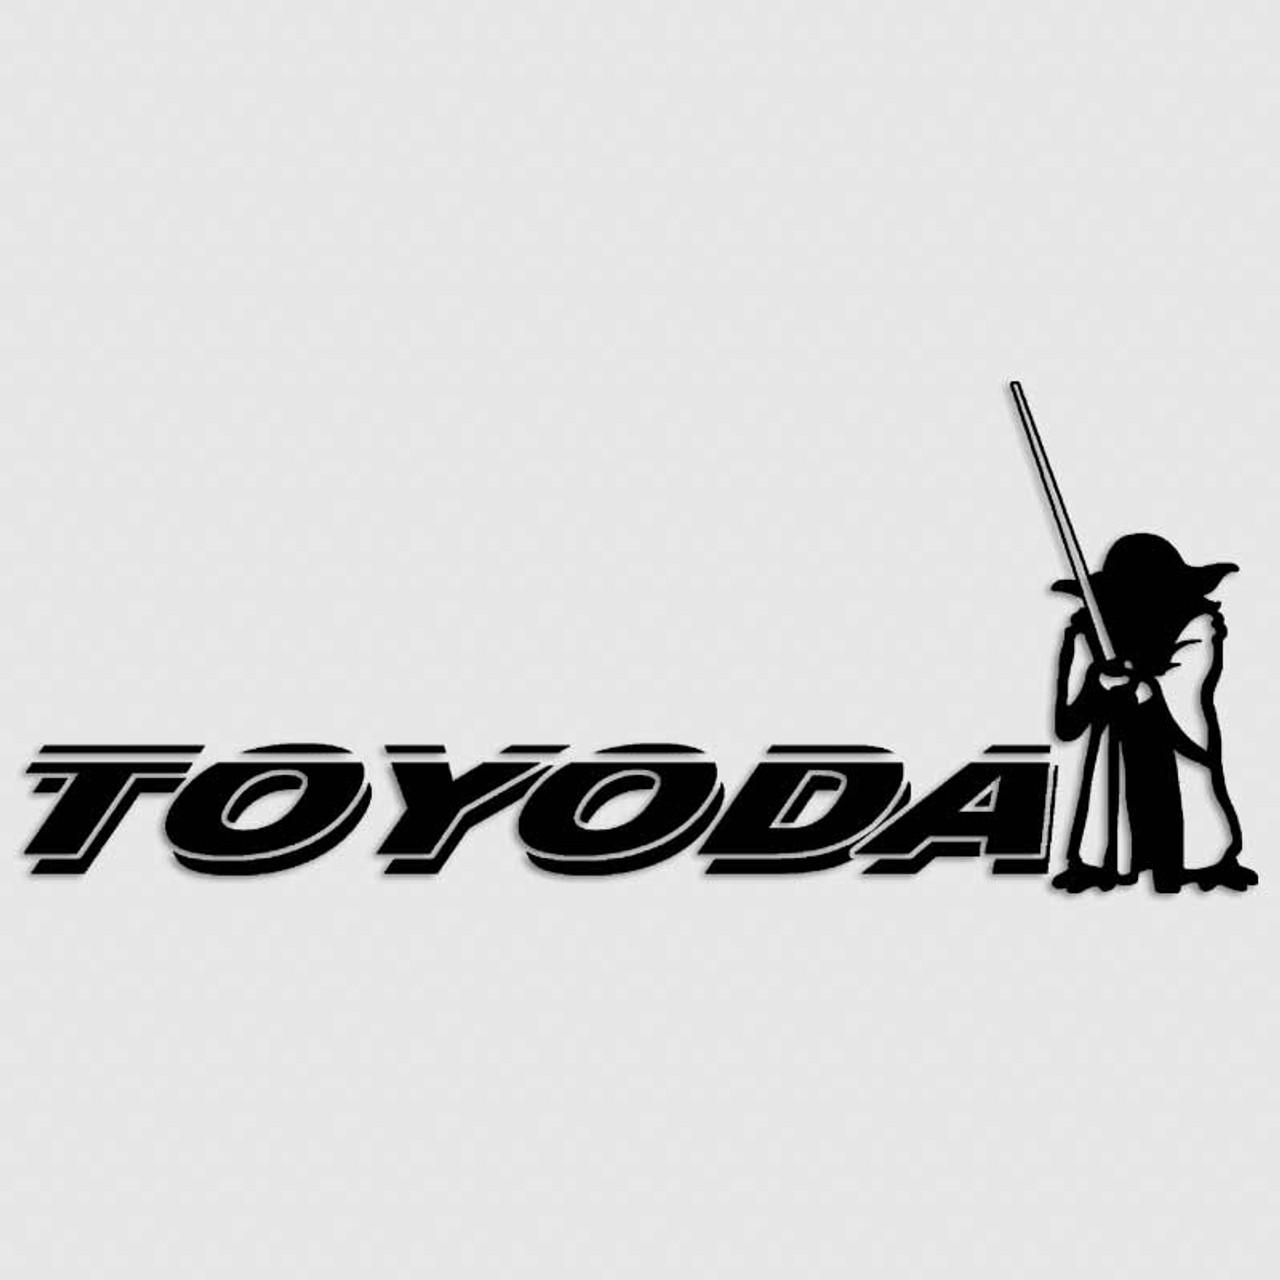 StarWars Yoda vinyl Decal Sticker